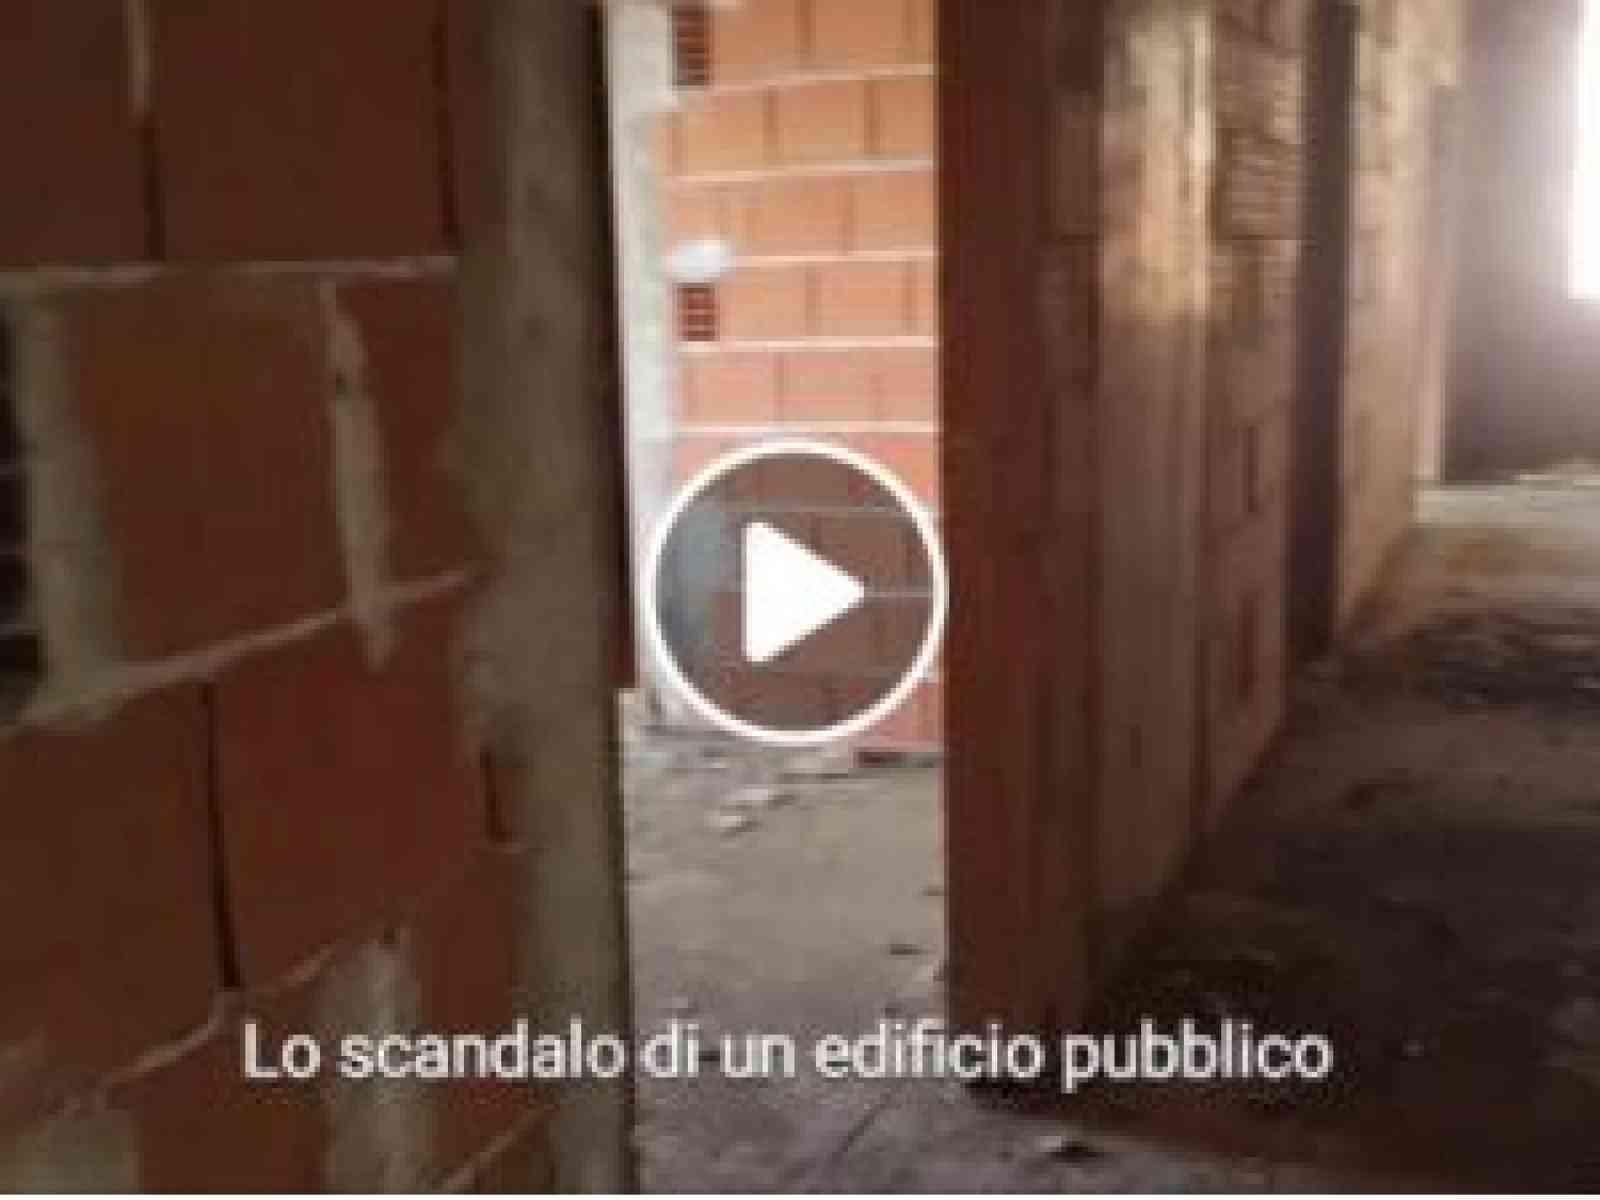 Immagine articolo: S. Margherita, ecco l'edificio pubblico incompiuto da venti anni disperso nei meandri della burocrazia. Oggi vertice con il commissario straordinario Asp ad Agrigento.